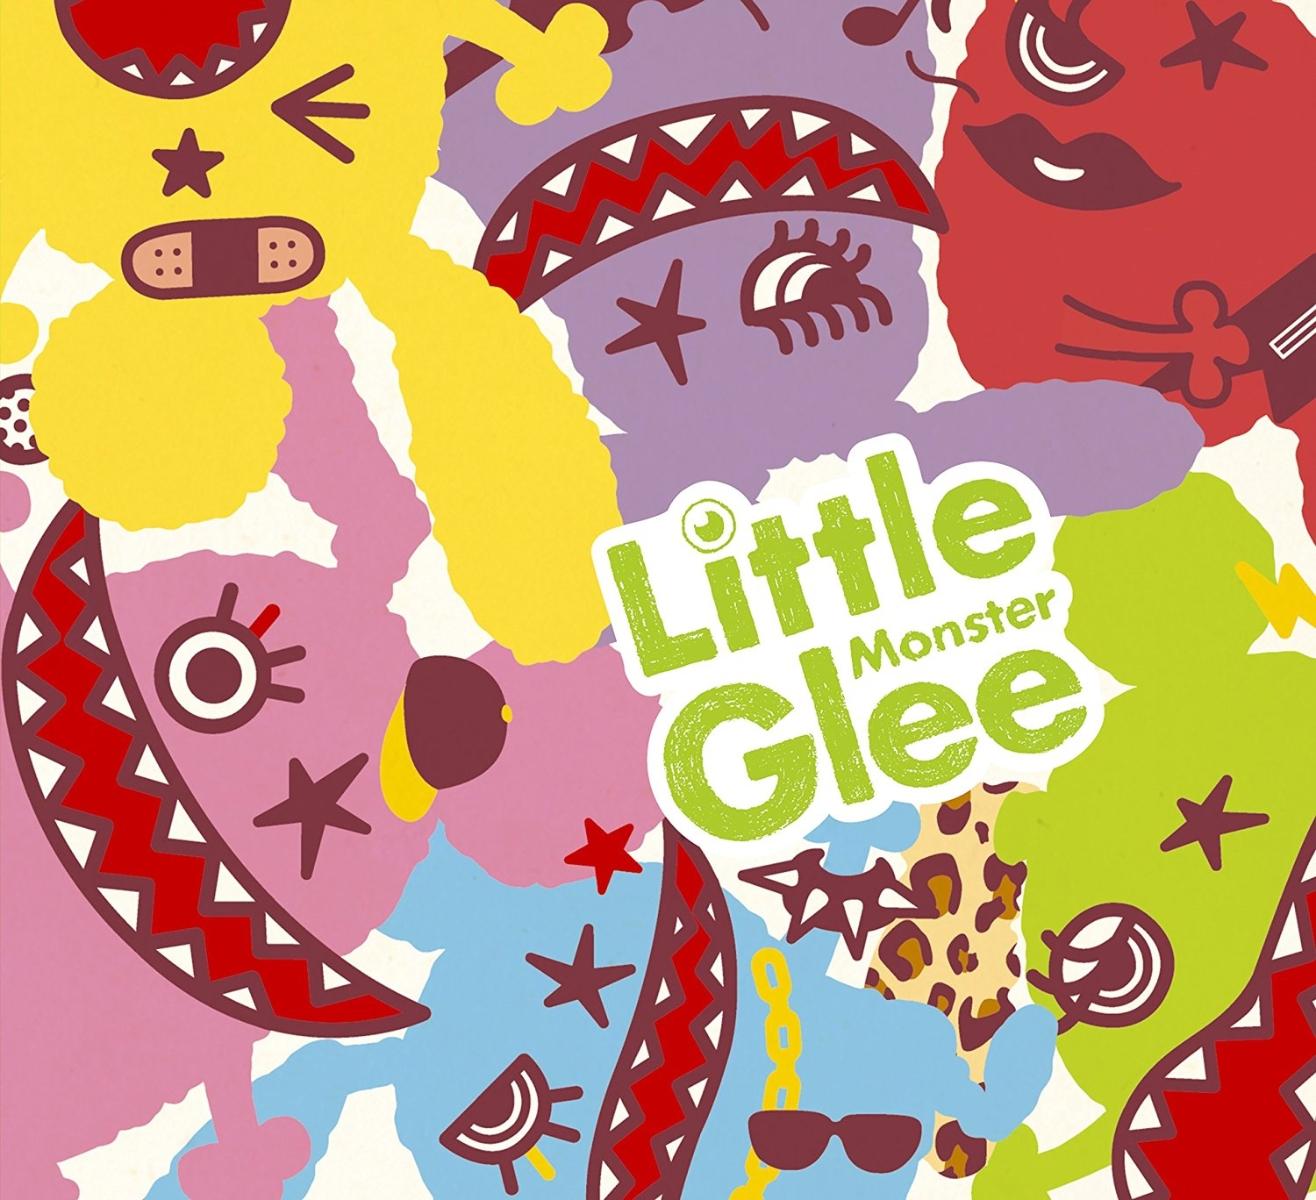 Little Glee Monsterの画像 p1_33